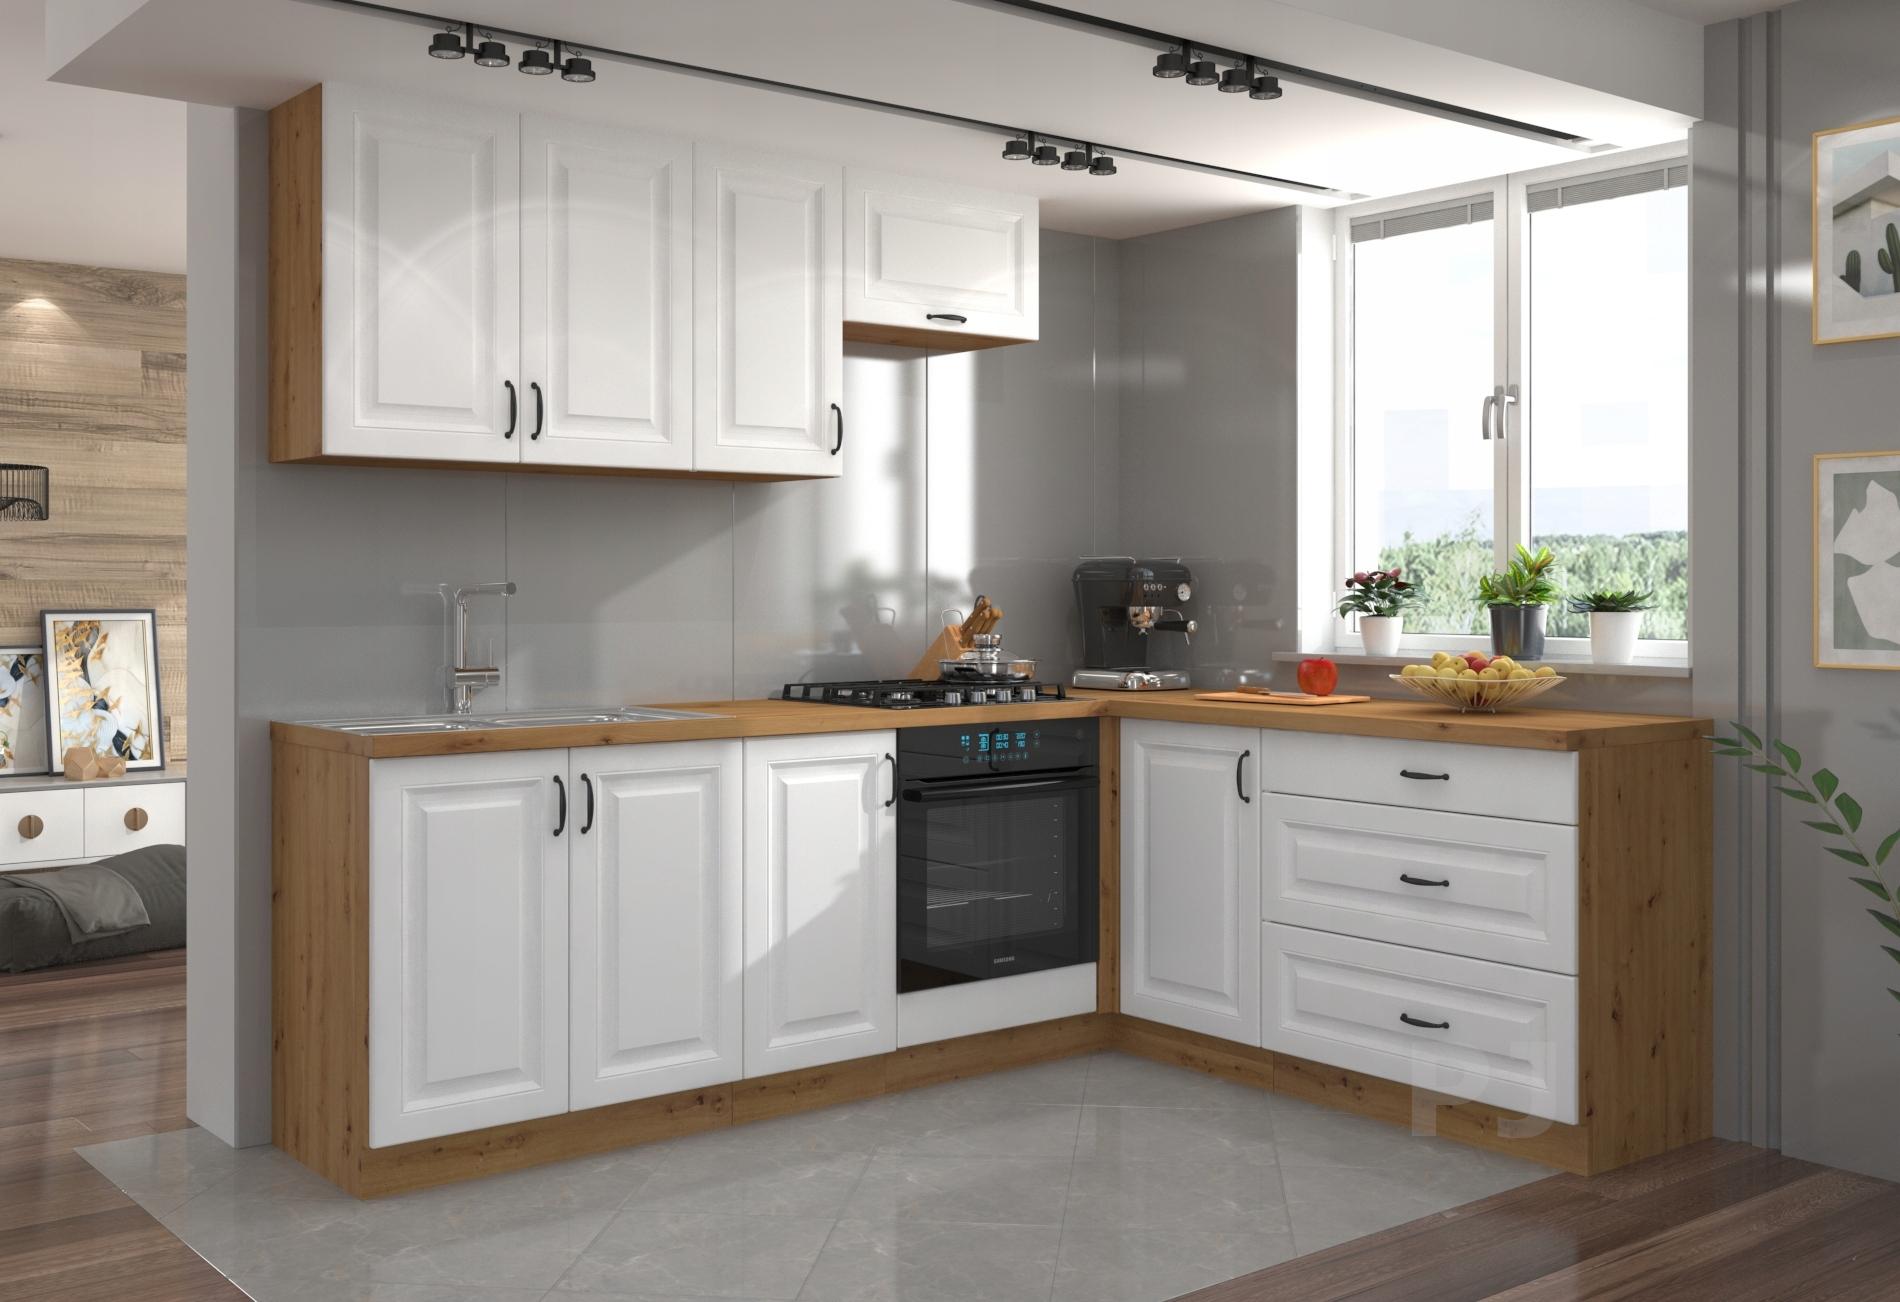 Kuchnia STILO białe / meble kuchenne narożne